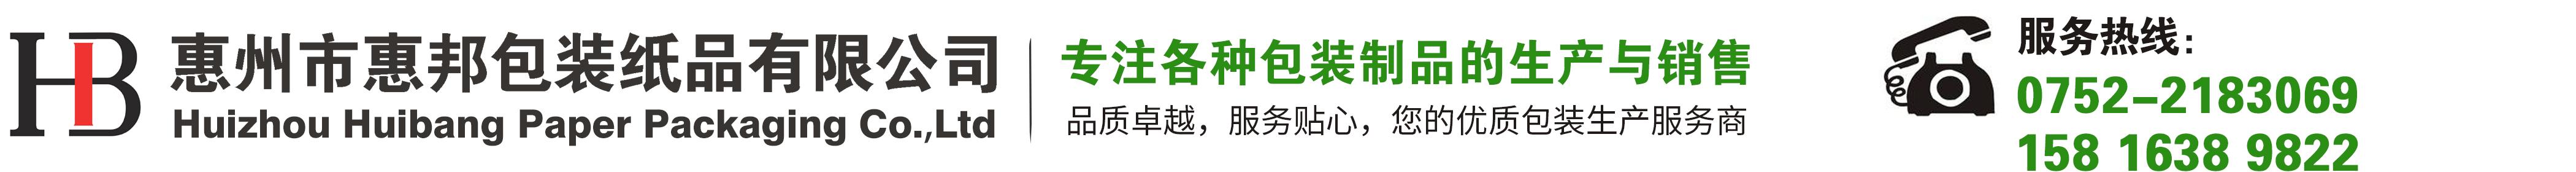 惠州市沙龙会娱乐包裝紙品有限公司